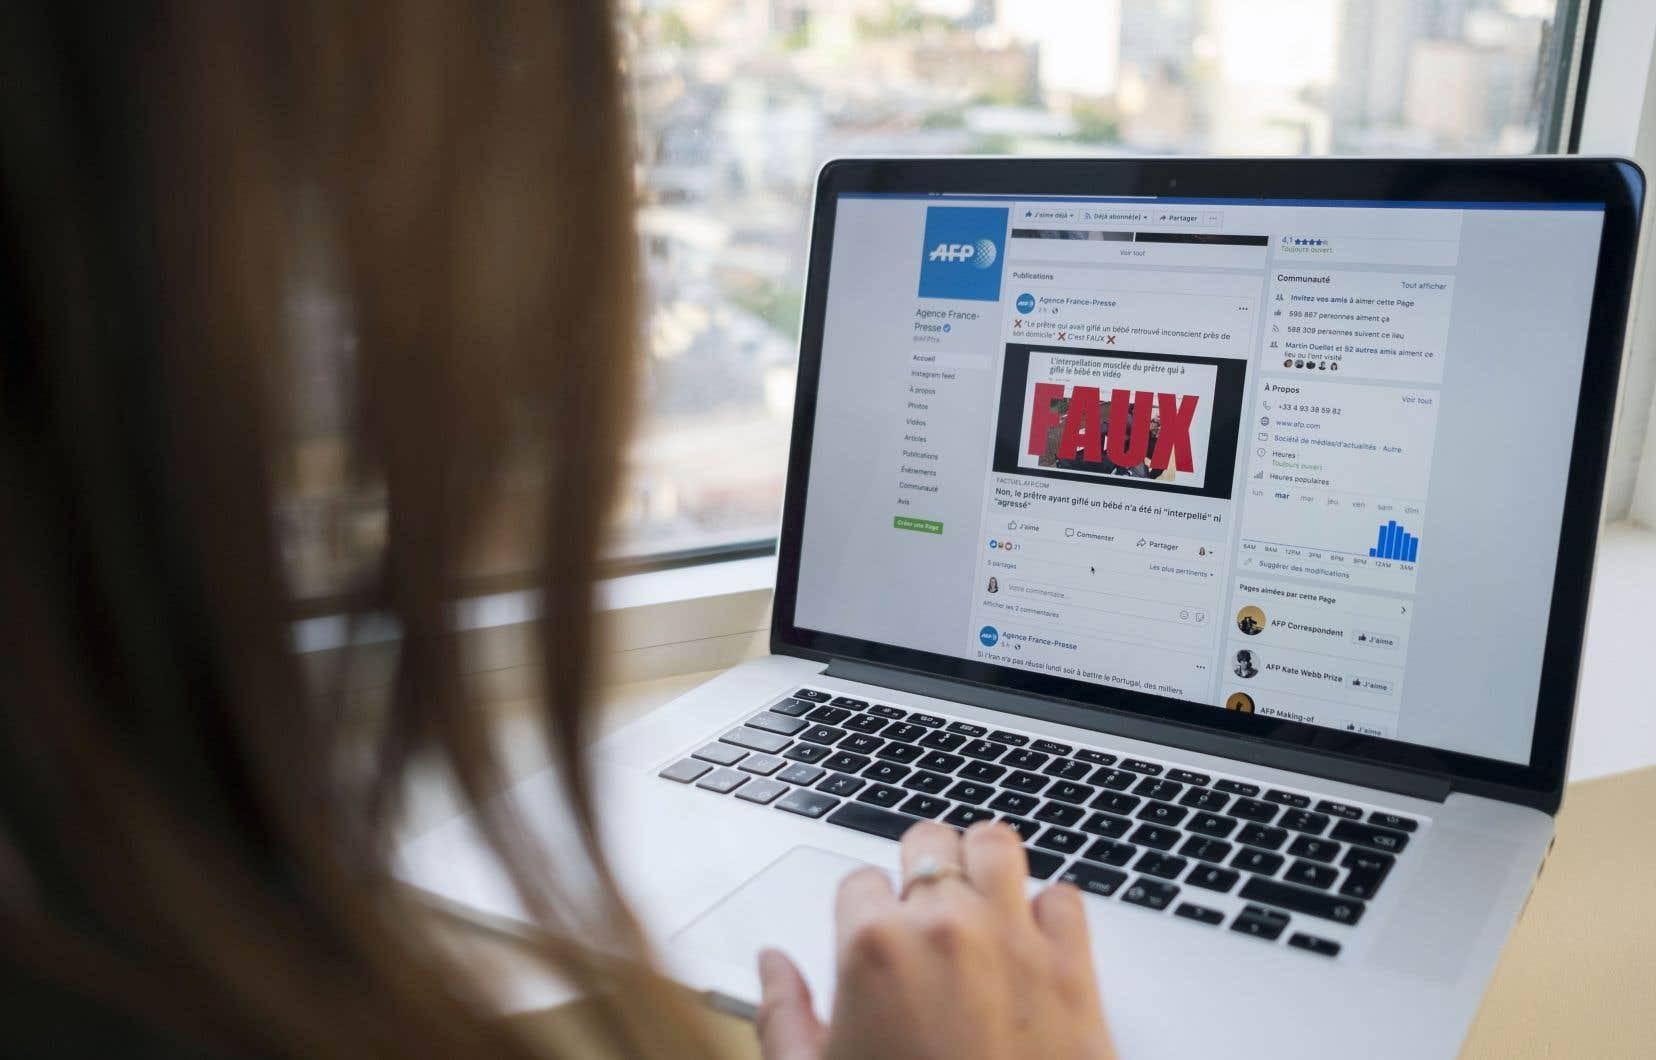 Les vérificateurs de l'AFP vont évaluer les actualités canadiennes signalées comme problématiques pour en déterminer la véracité, ou du moins ce que le réseau social appelle le «taux d'exactitude».